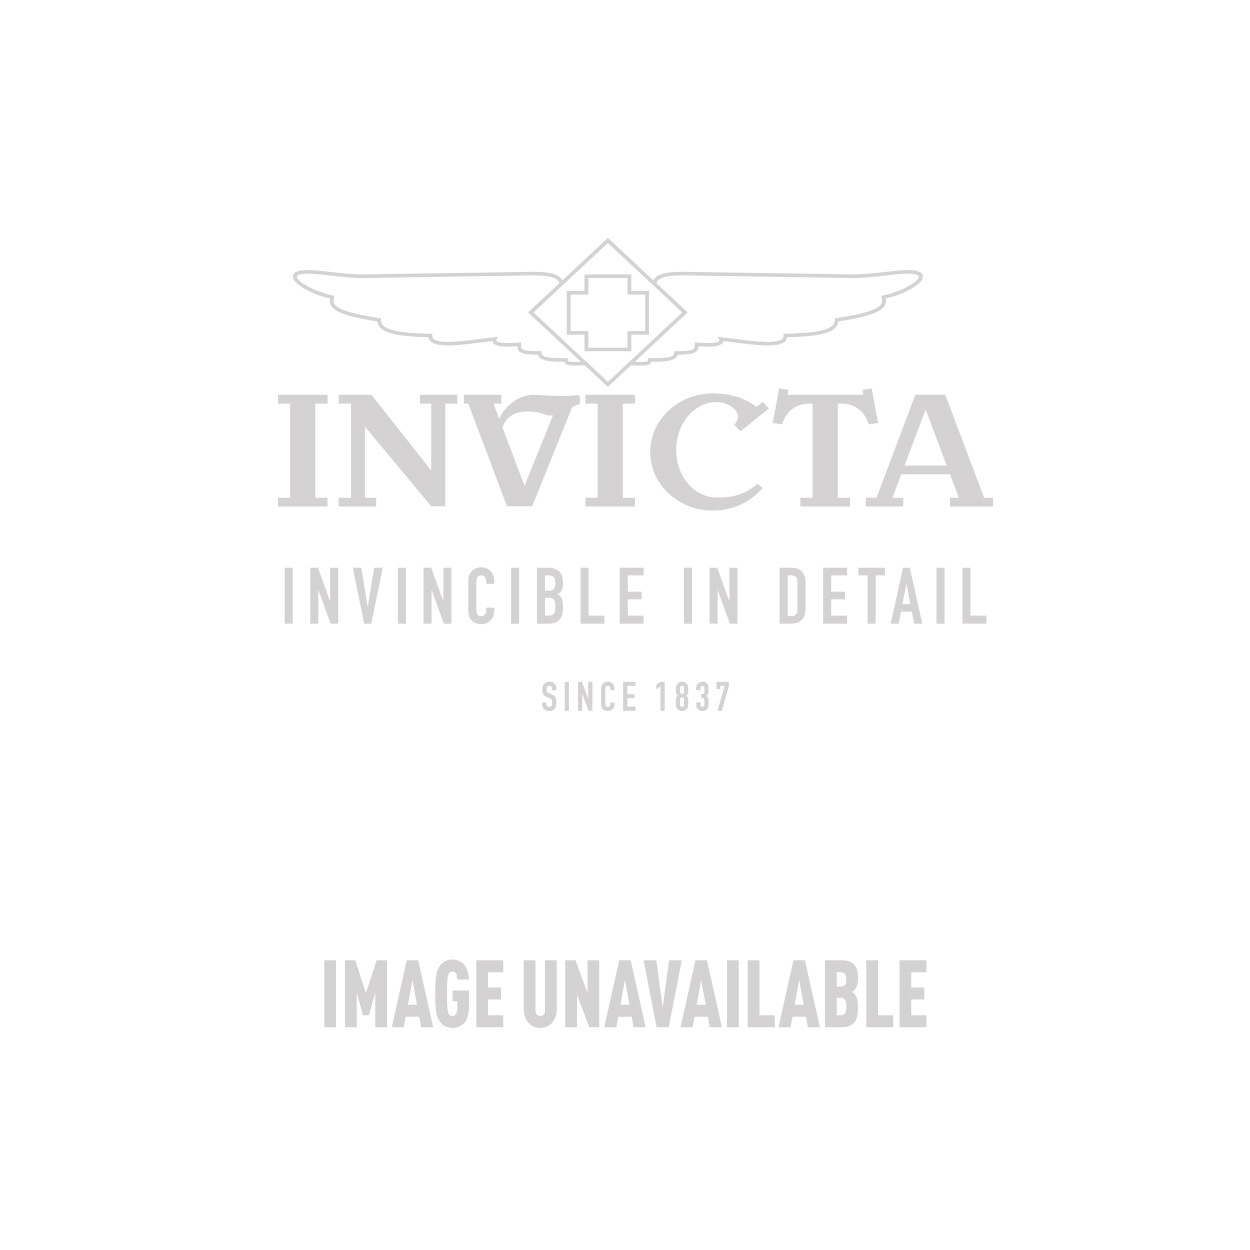 Invicta Model 25530